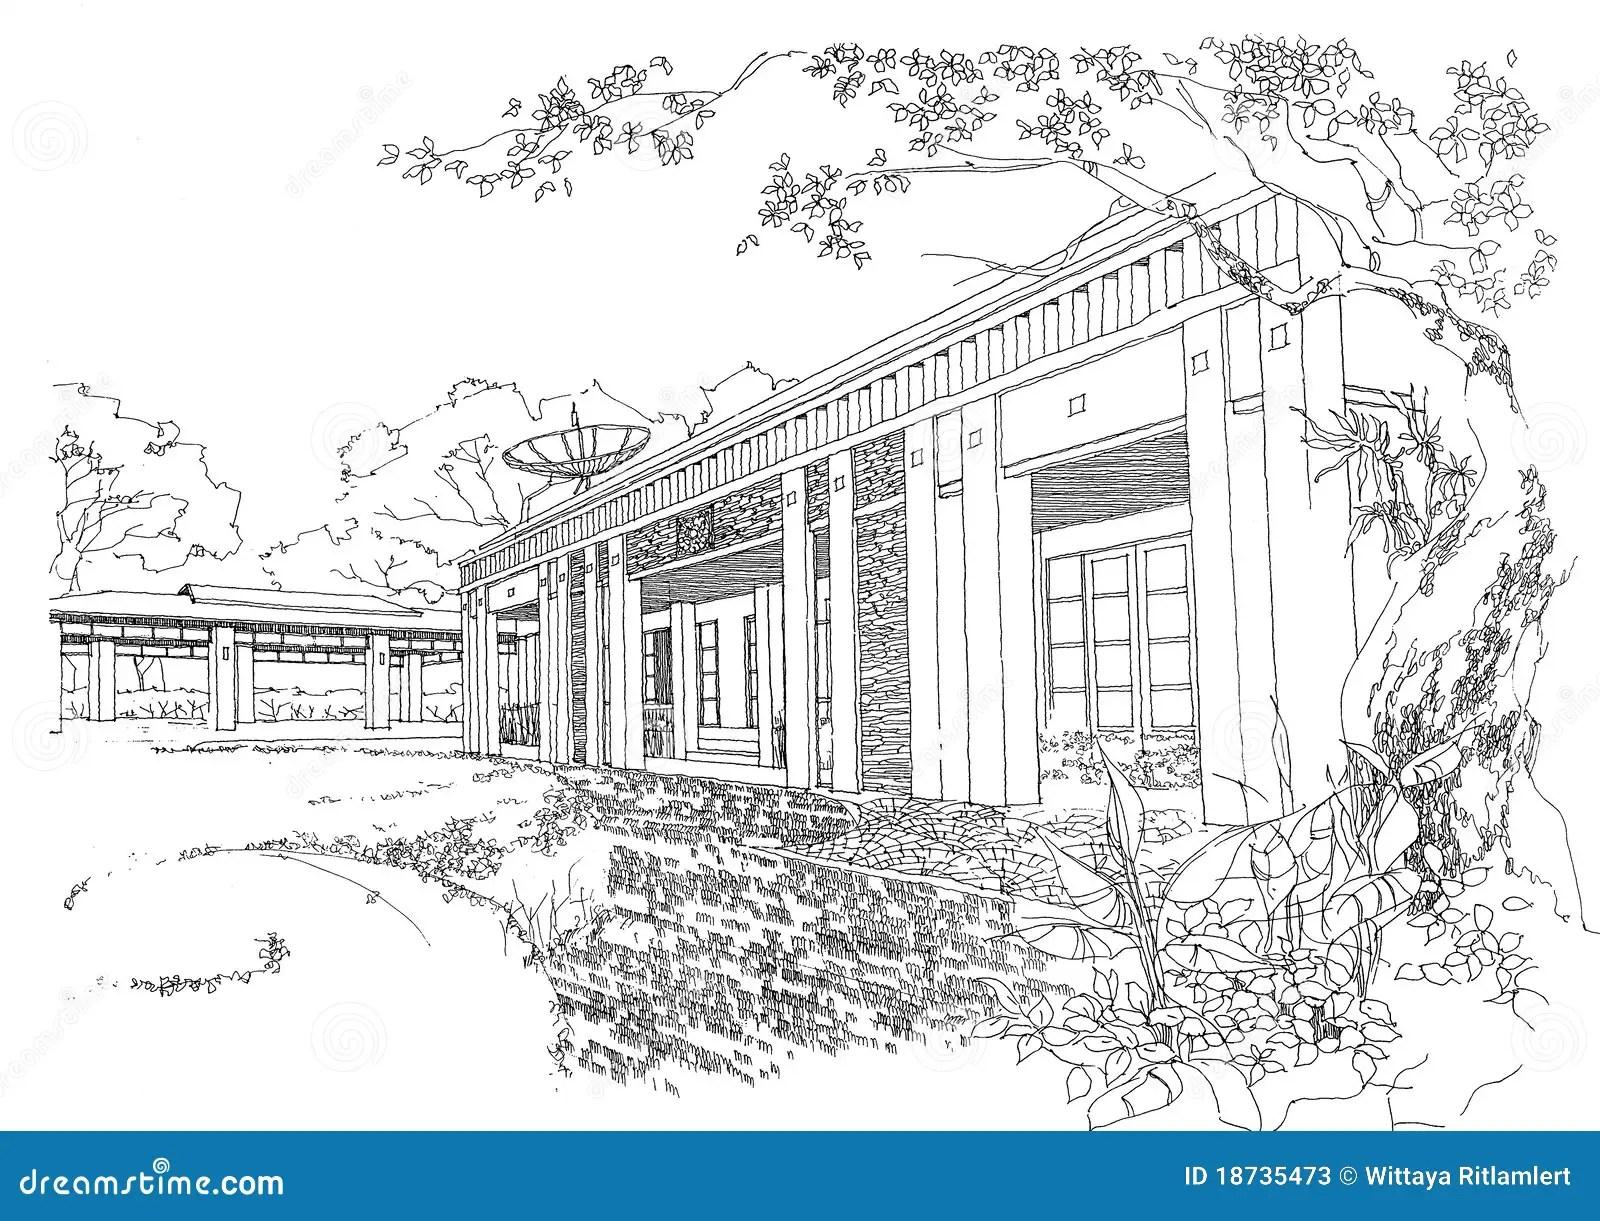 Uye Home Landscape Architecture